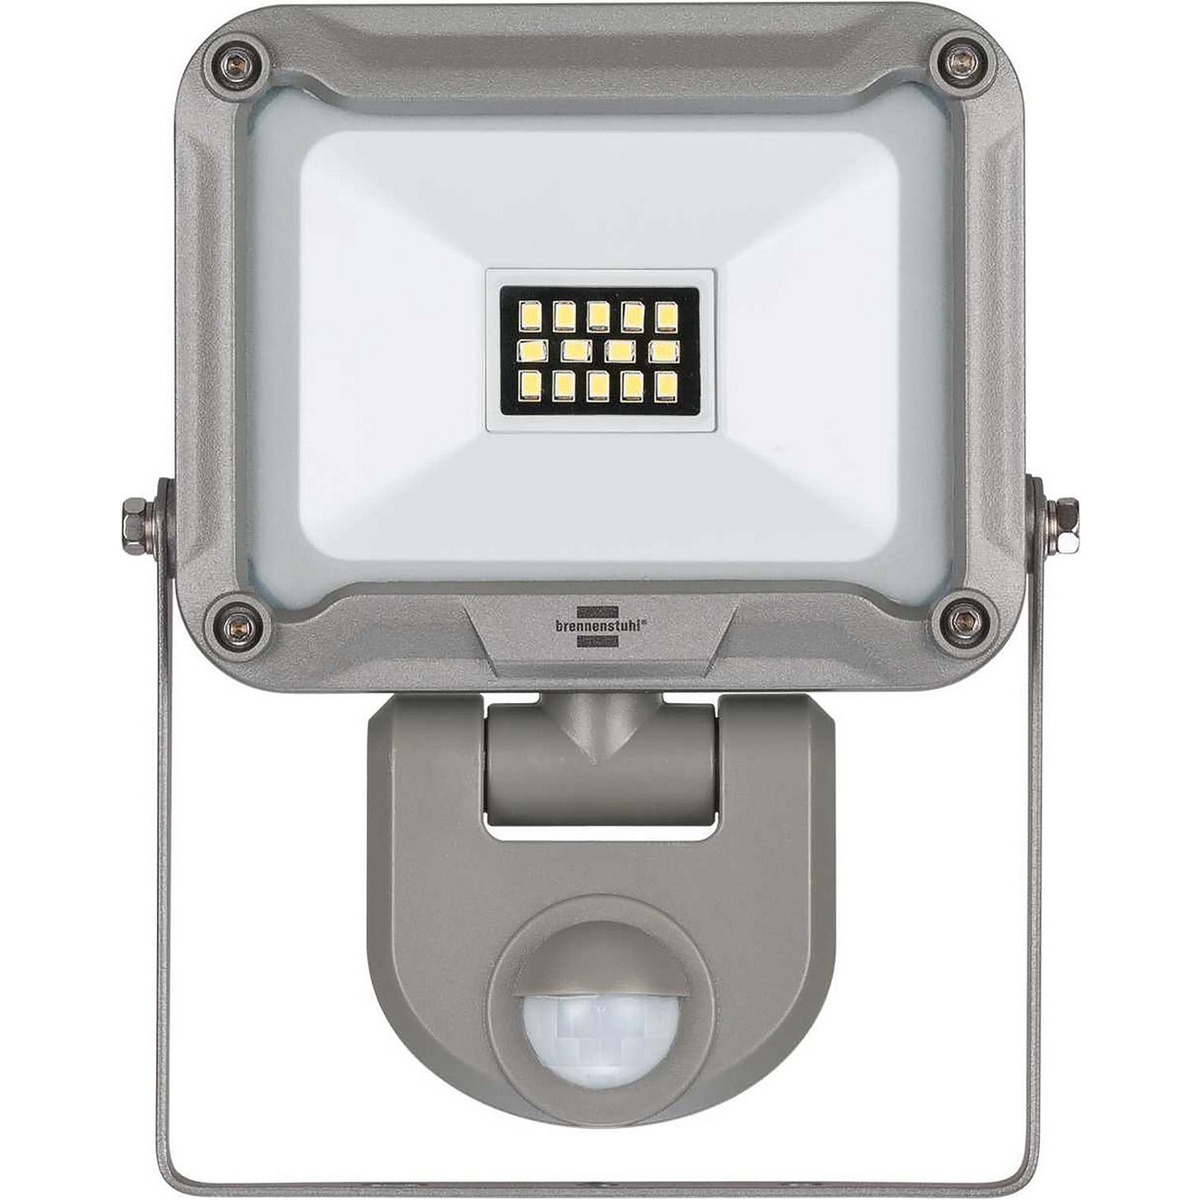 Adecuado para instalación en interiores y exteriores, IP 44. Luz LED con chip de alta potencia de 10 W para montaje en pared, con distribución de luz extra ancha para iluminar un área grande. Ideal para aficionados, talleres y obras de construcción. Ilumi